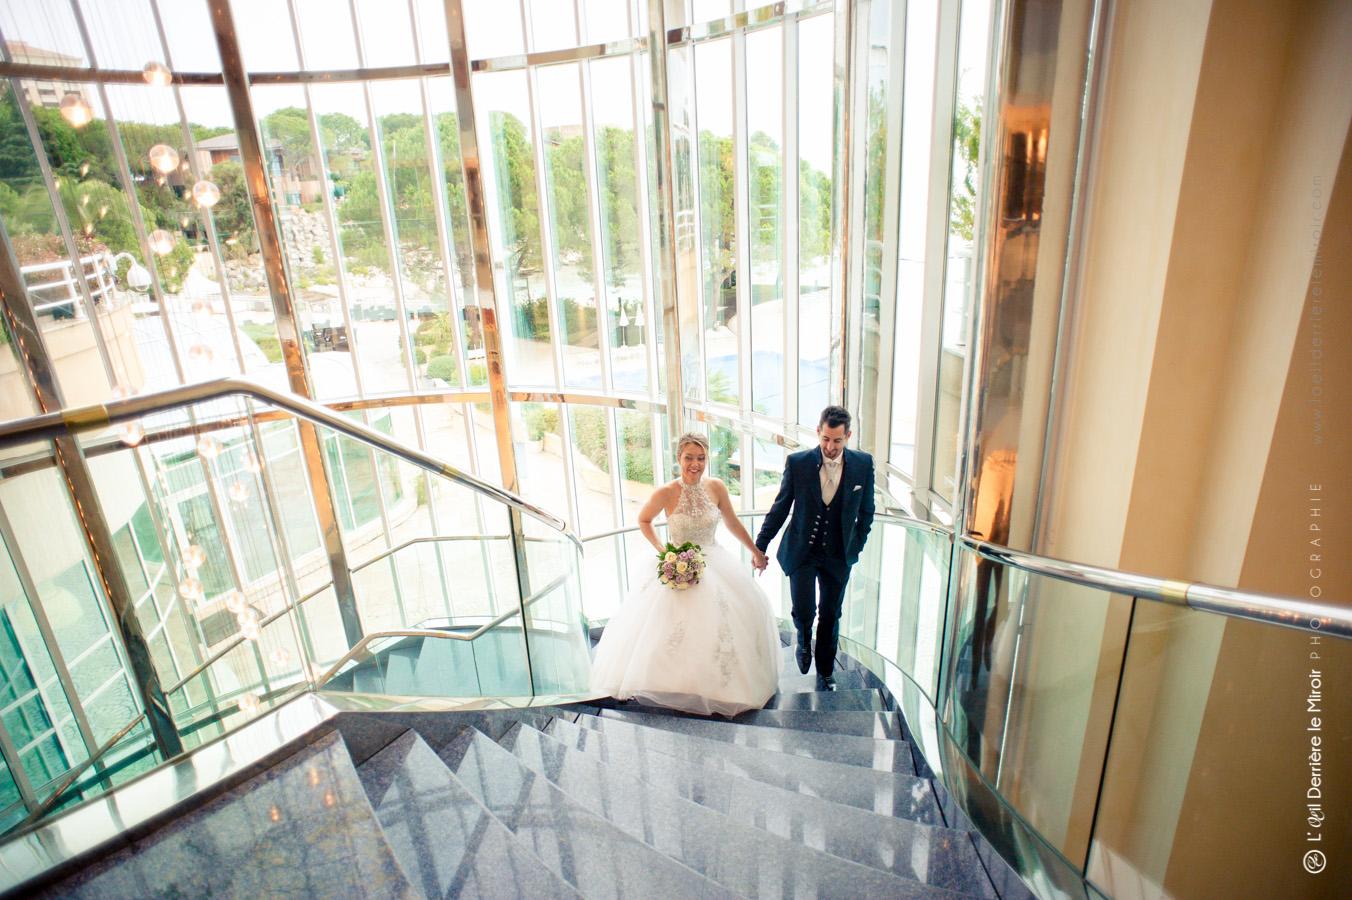 Photographe-mariage-monaco-loeilderrierelemiroir-063